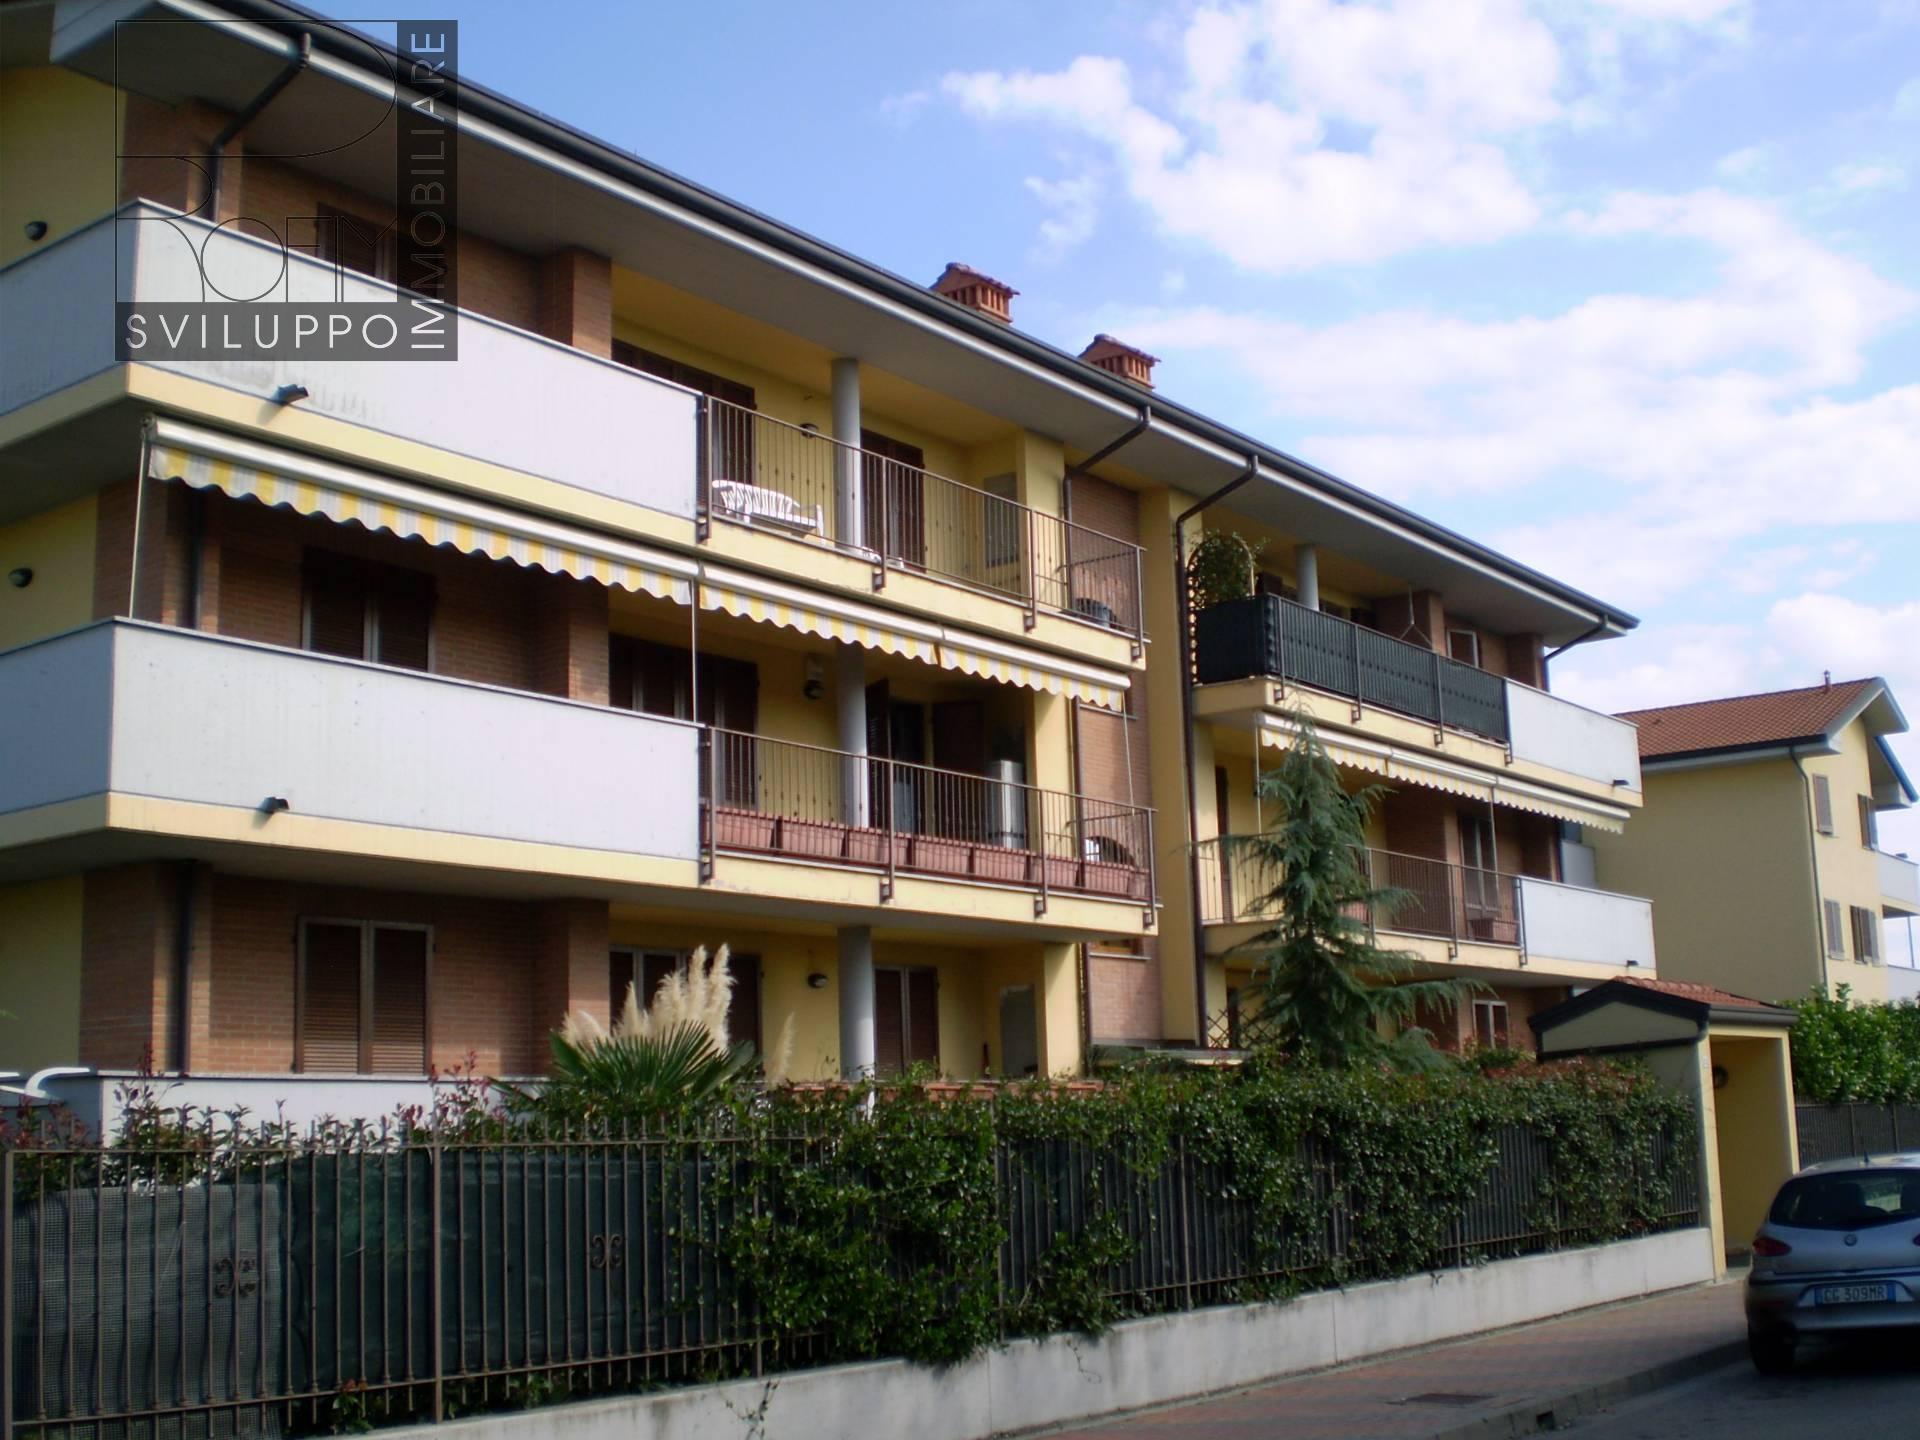 Casa spino d 39 adda appartamenti e case in vendita a spino for Esse arredi spino d adda cr